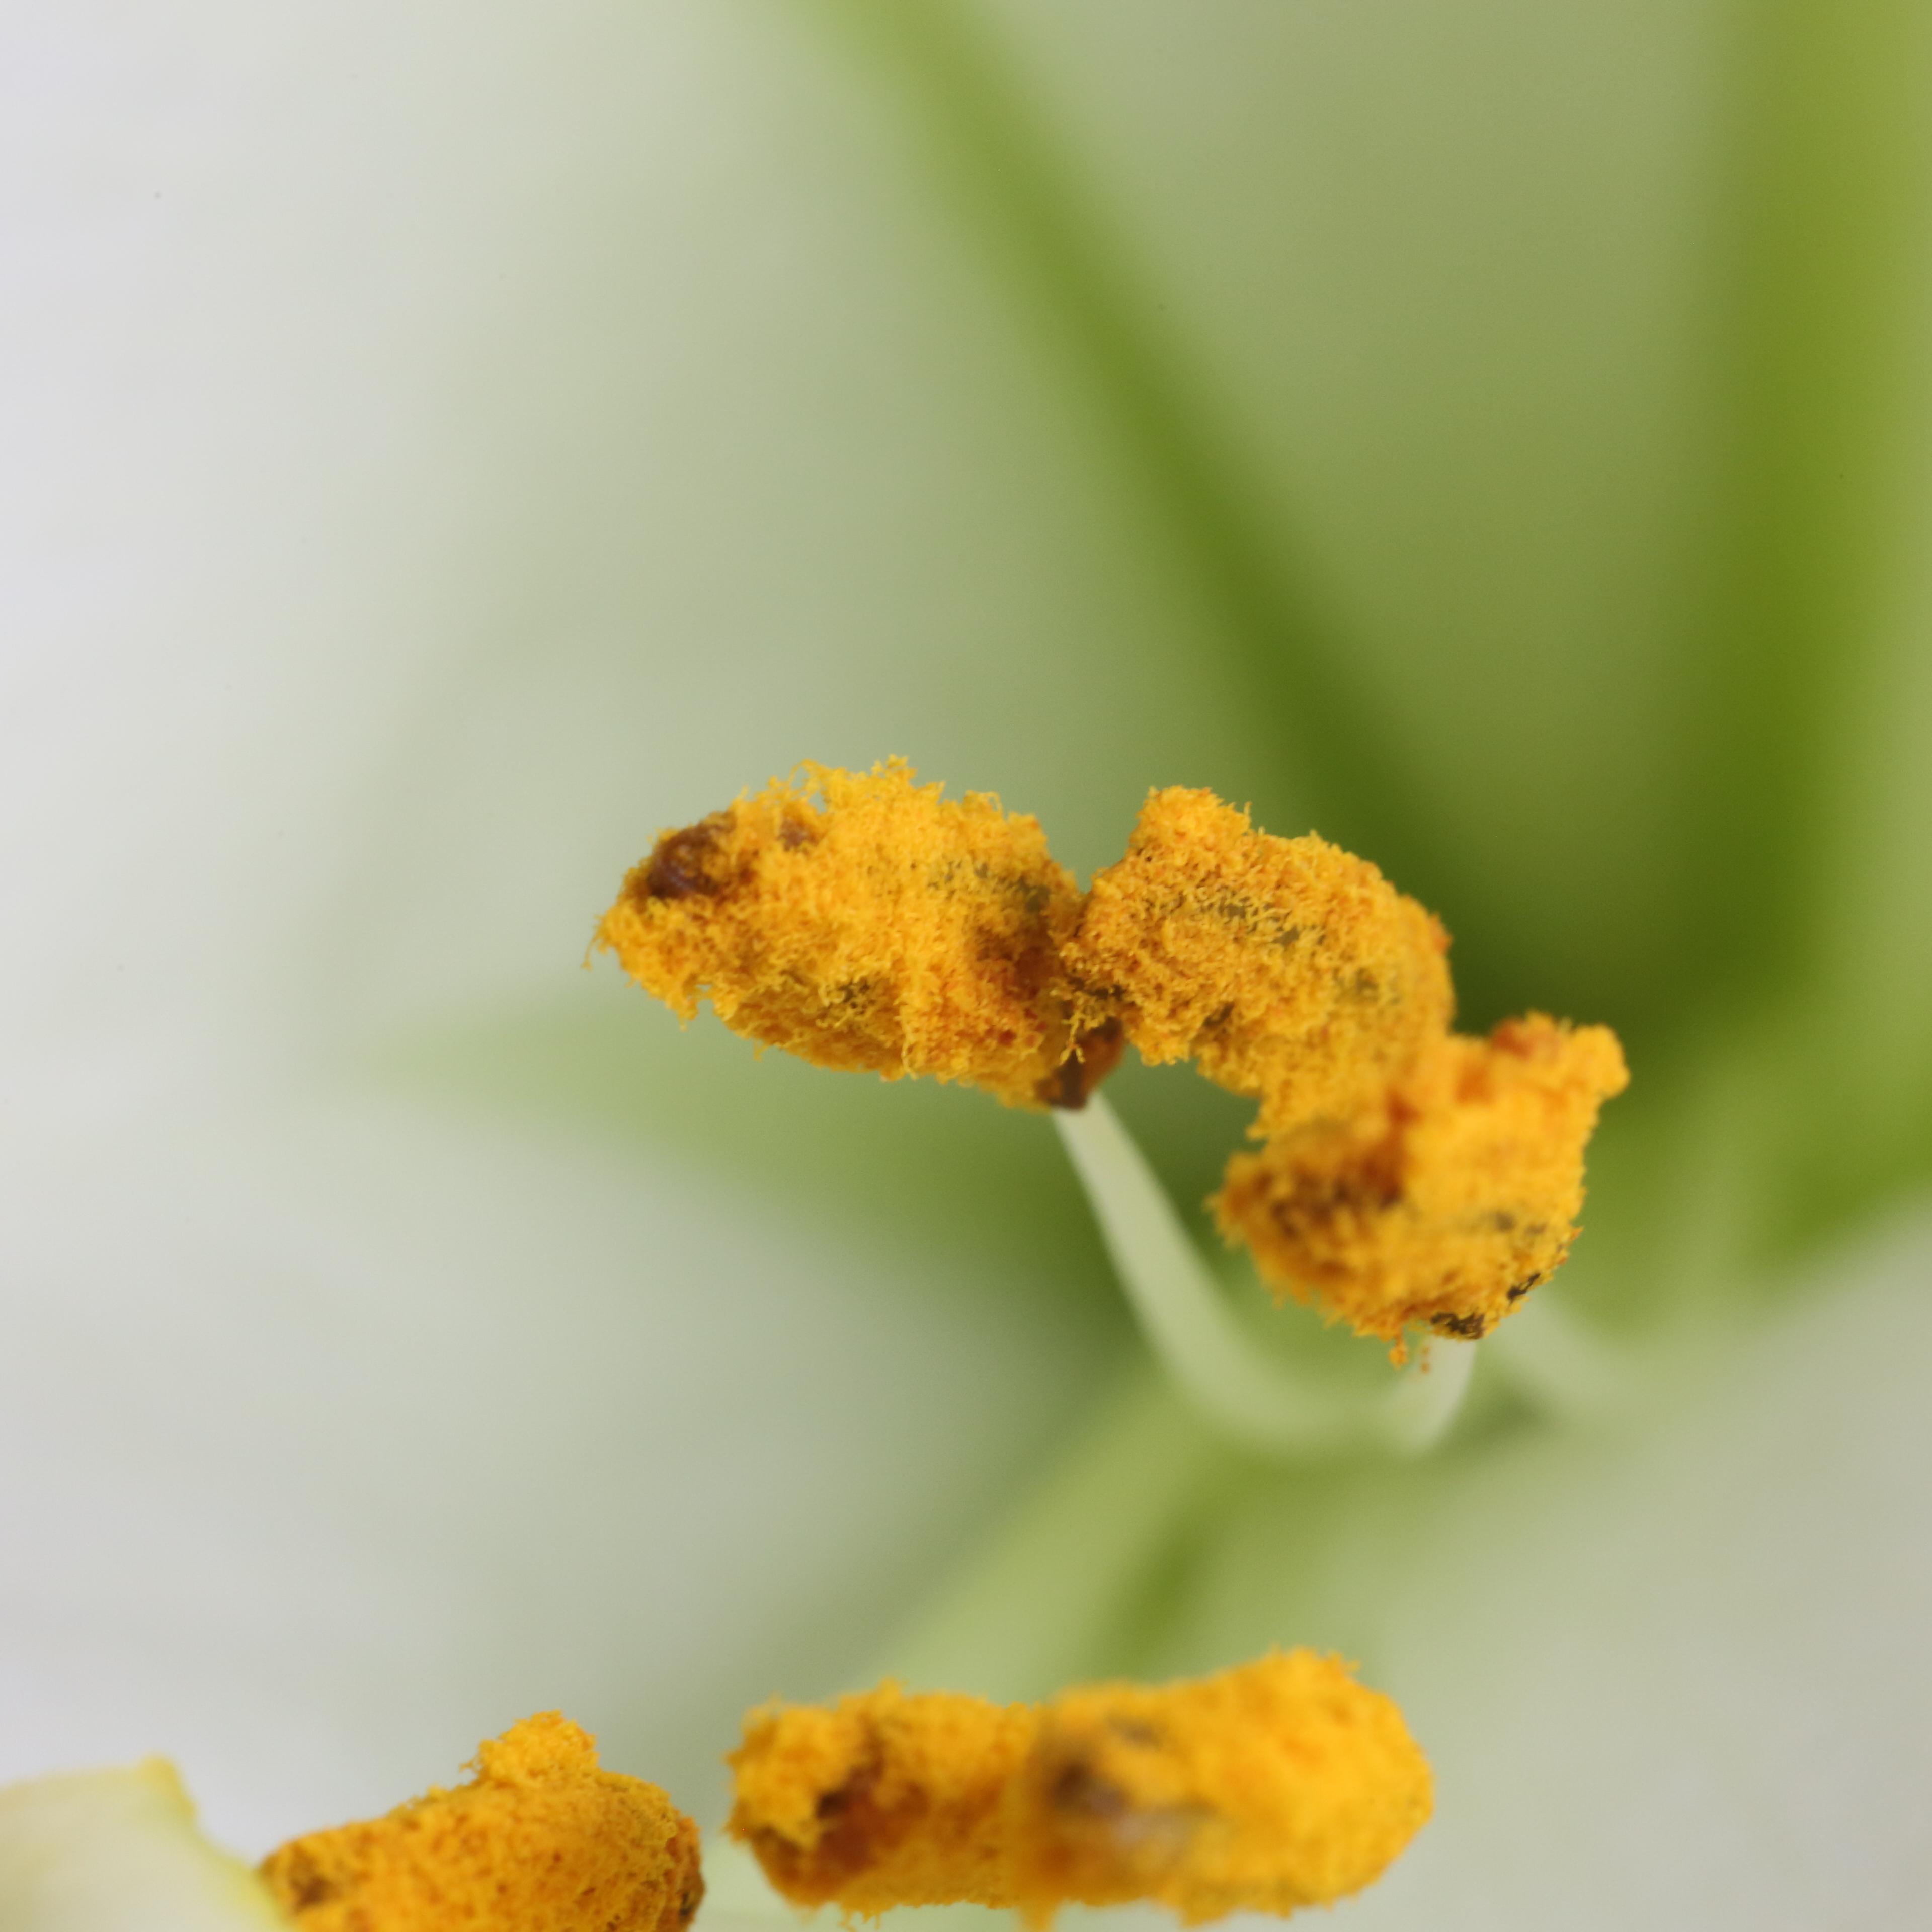 Nahaufnahme des Blütenstempels einer Lilie